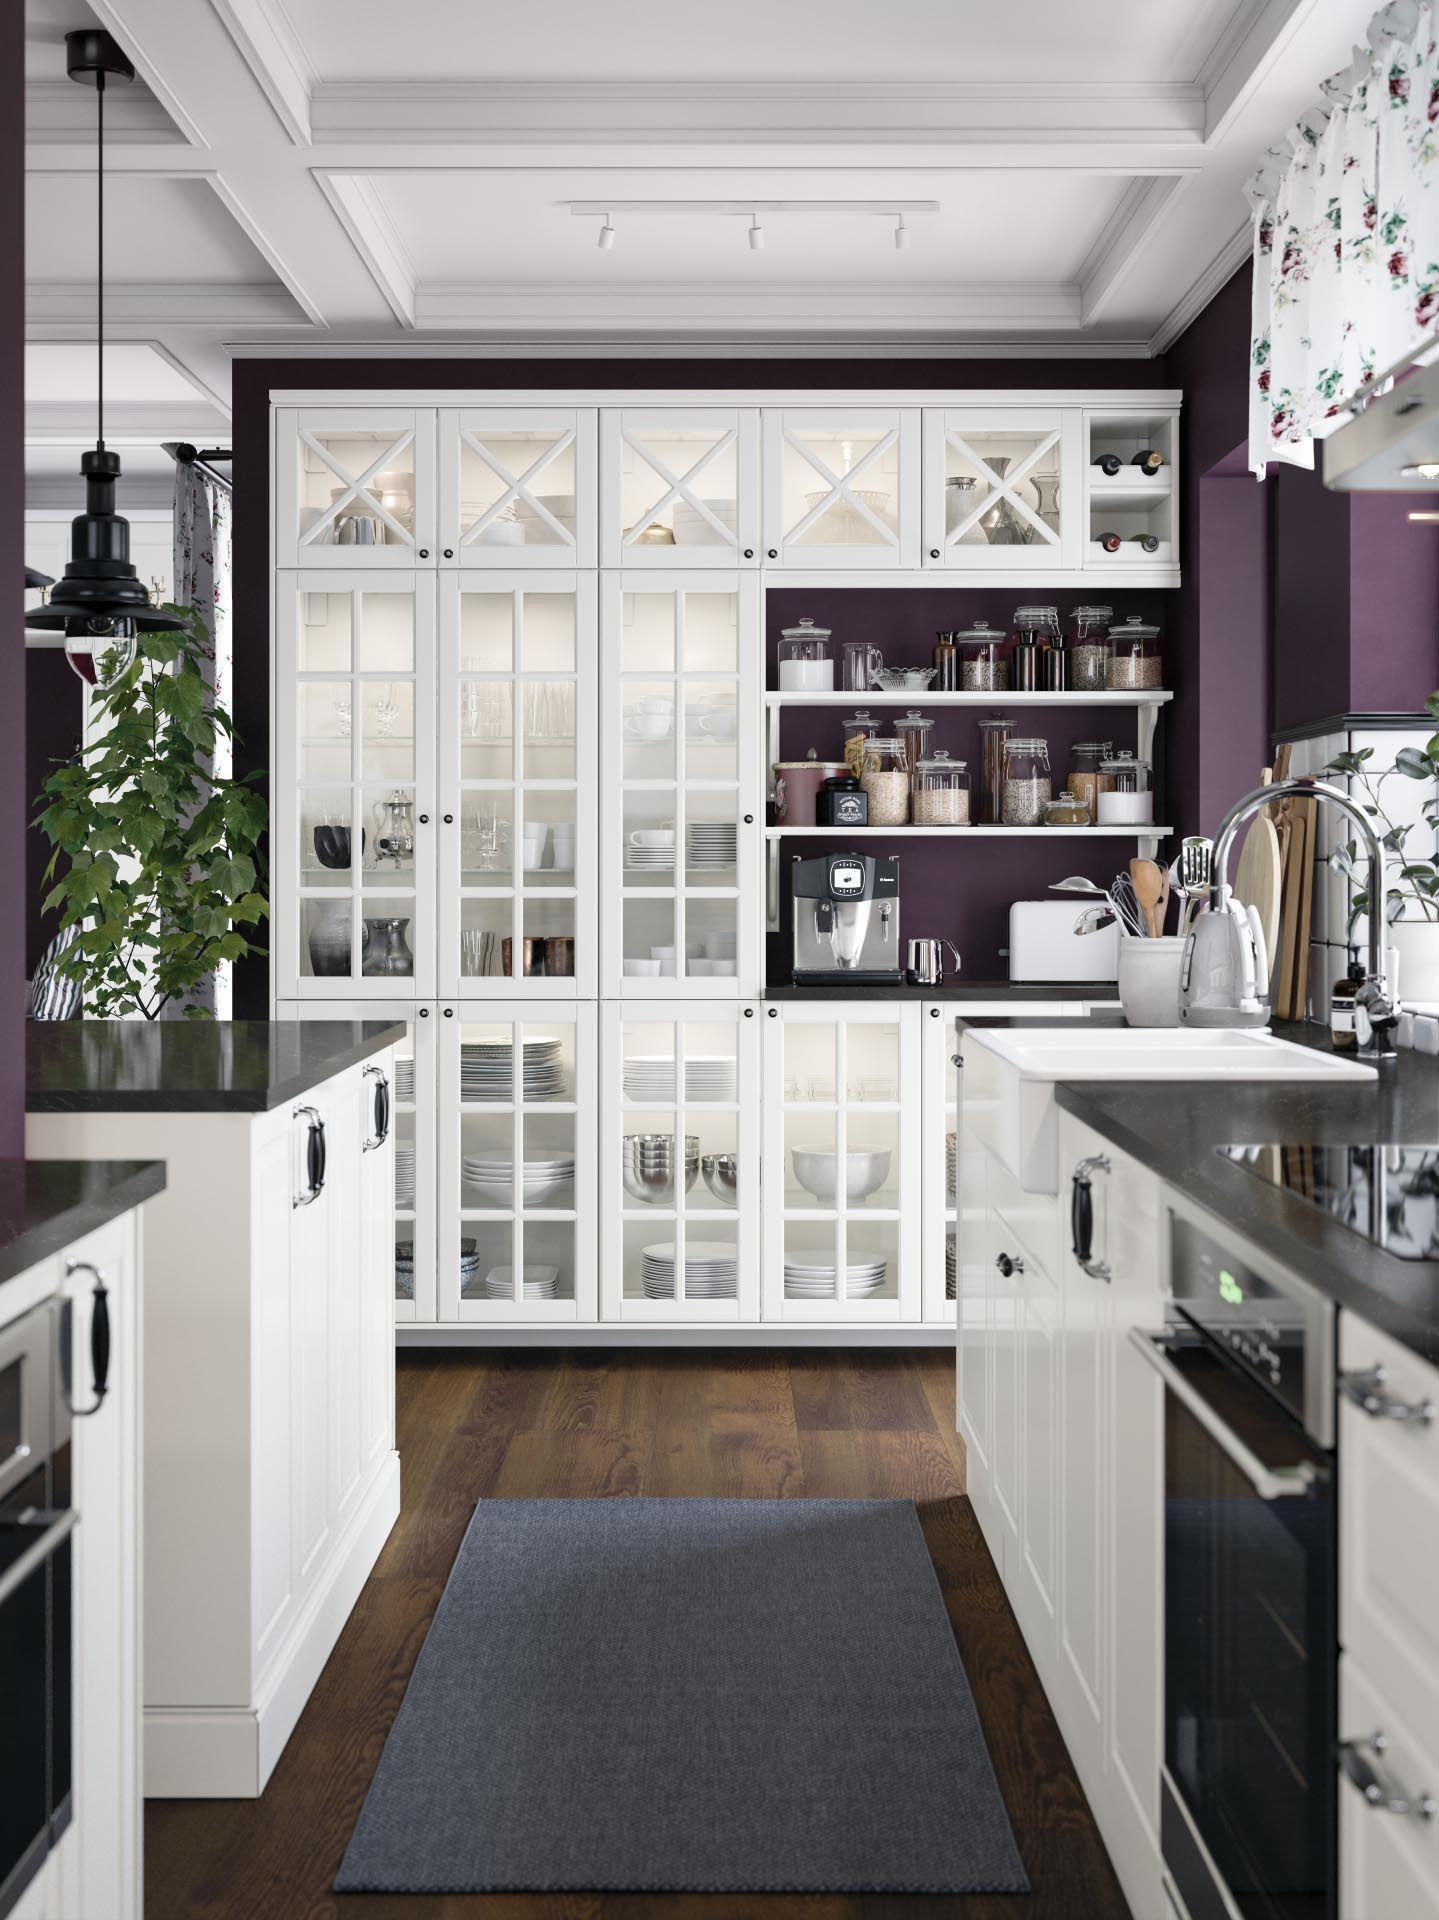 Bodbyn Glazen Deur Met Kruislat Ecru In 2019 Keukens Keuken